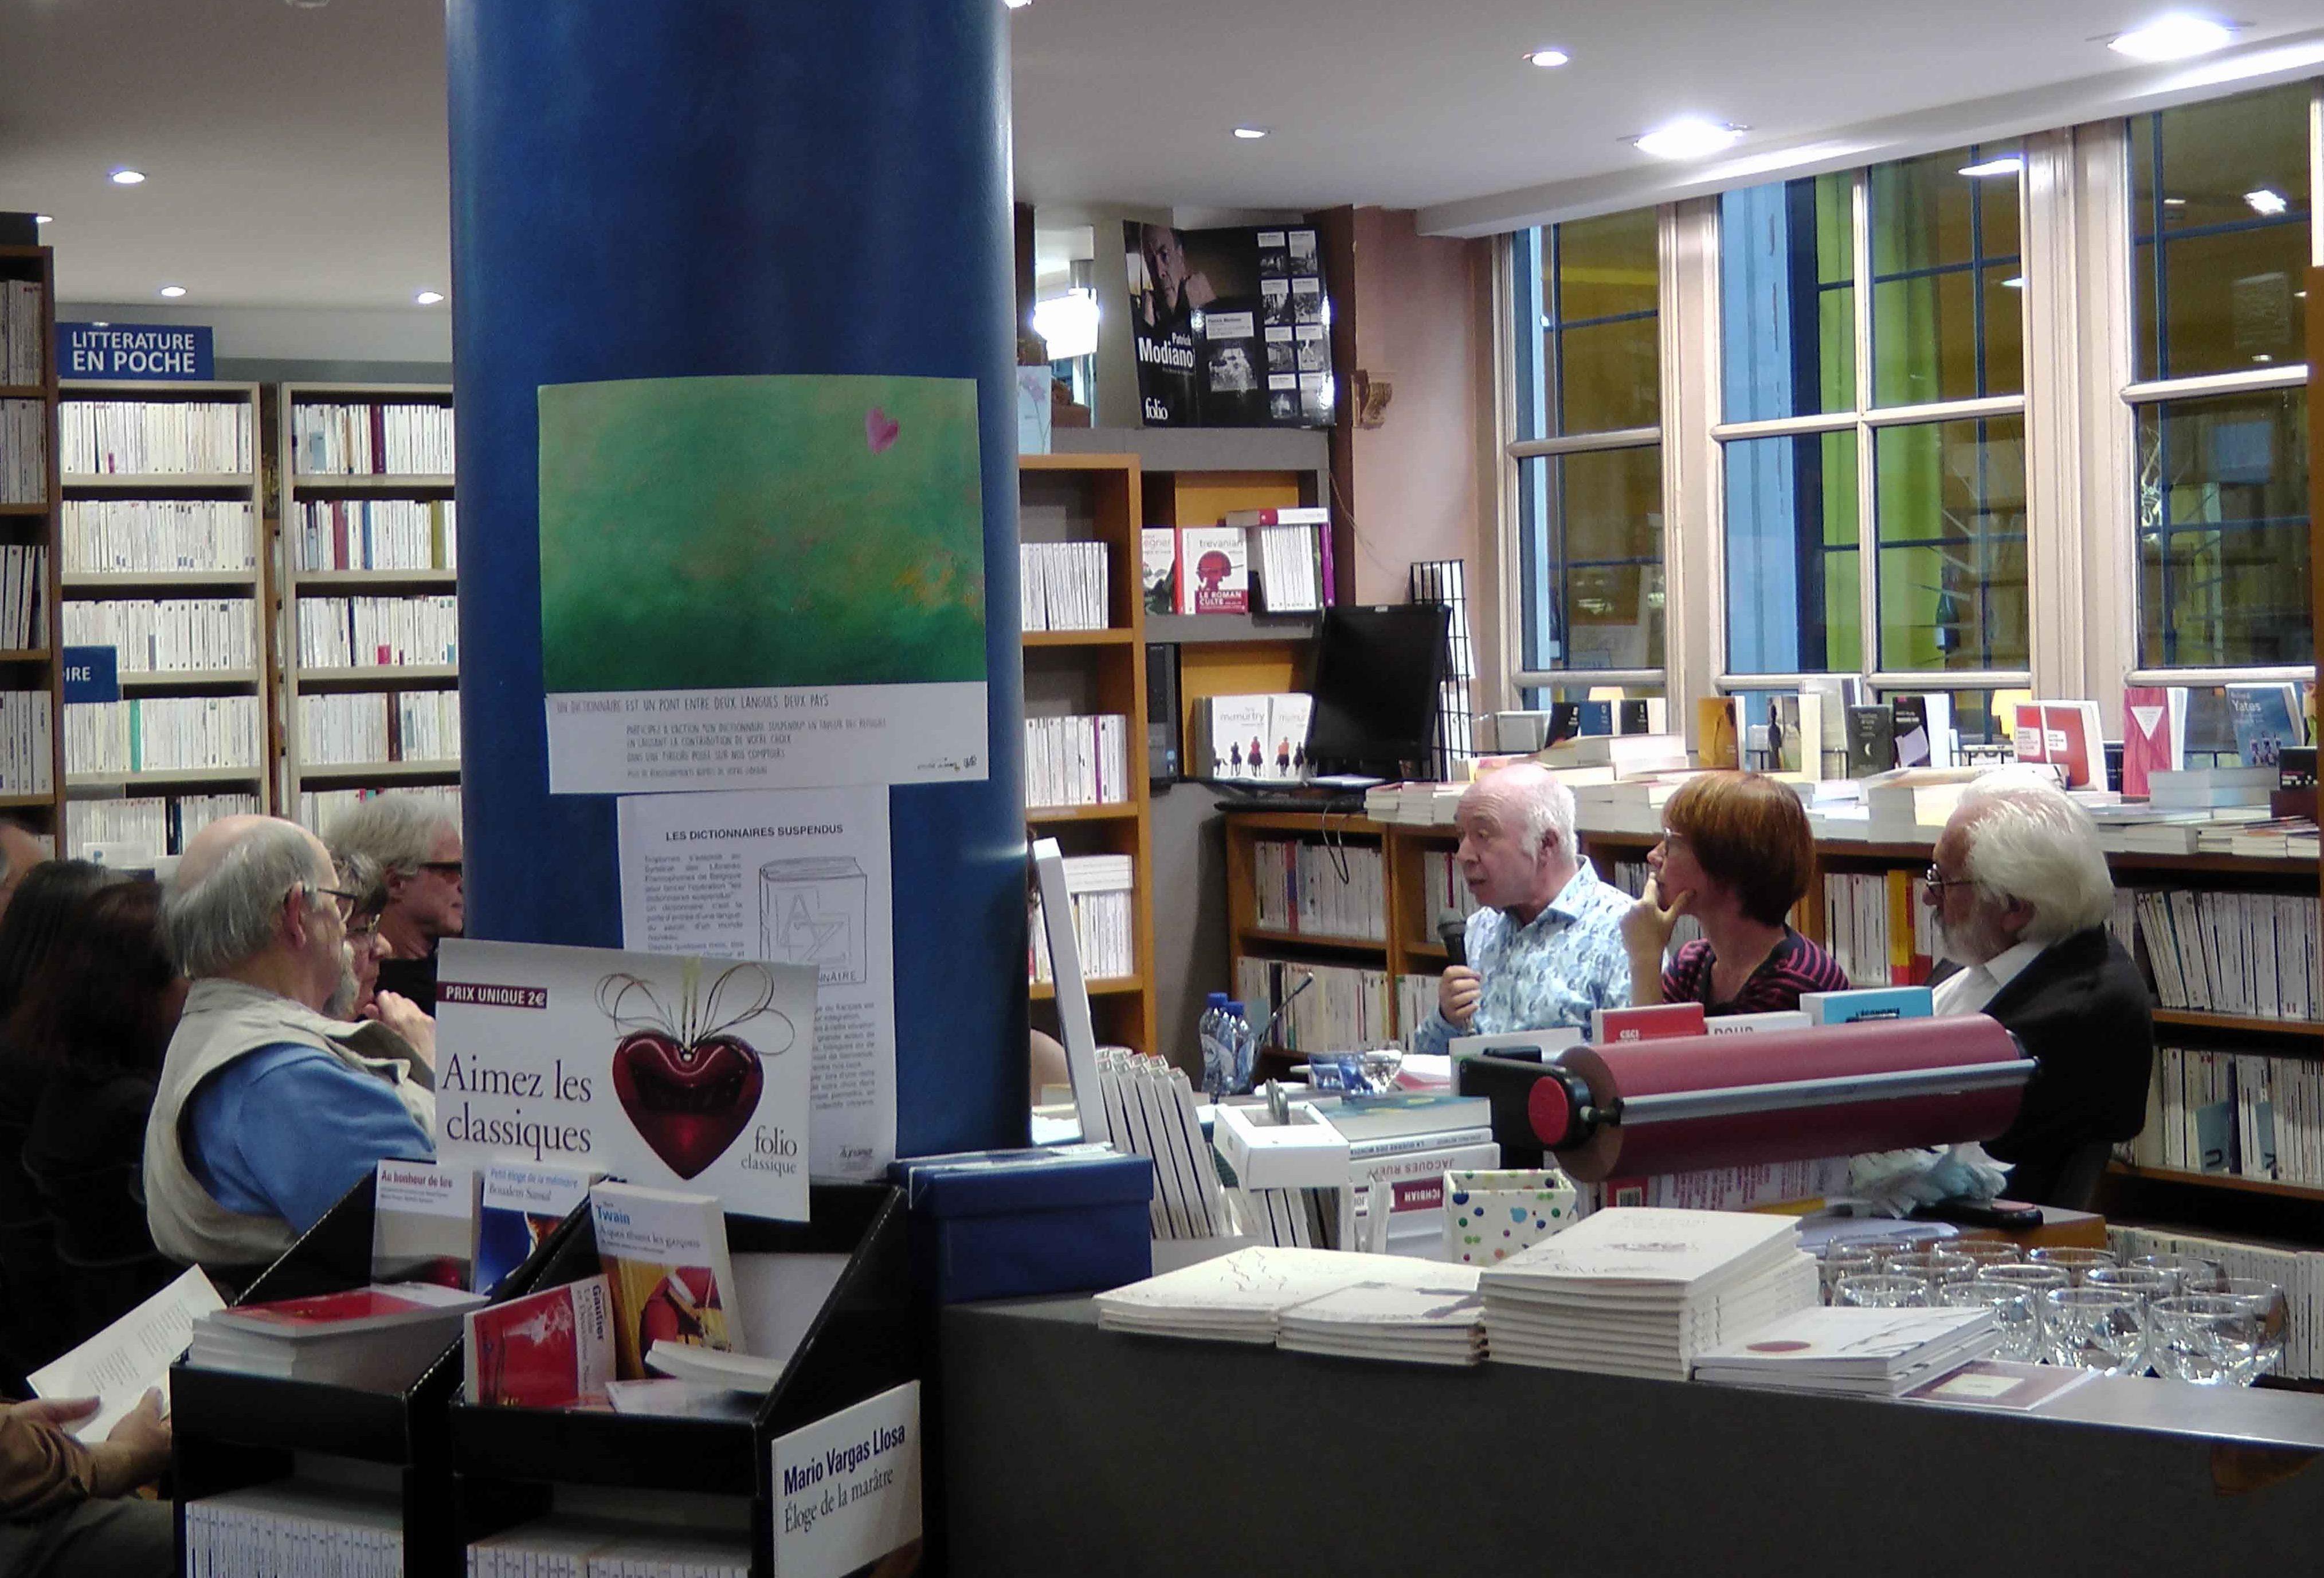 Jacques Sojcher (poète), Virginie Devillers (historienne de l'art), Richard Kenigsman (peintre), 2 juin 2016, librairie Tropismes, Bruxelles, vagabondssanstreves.com